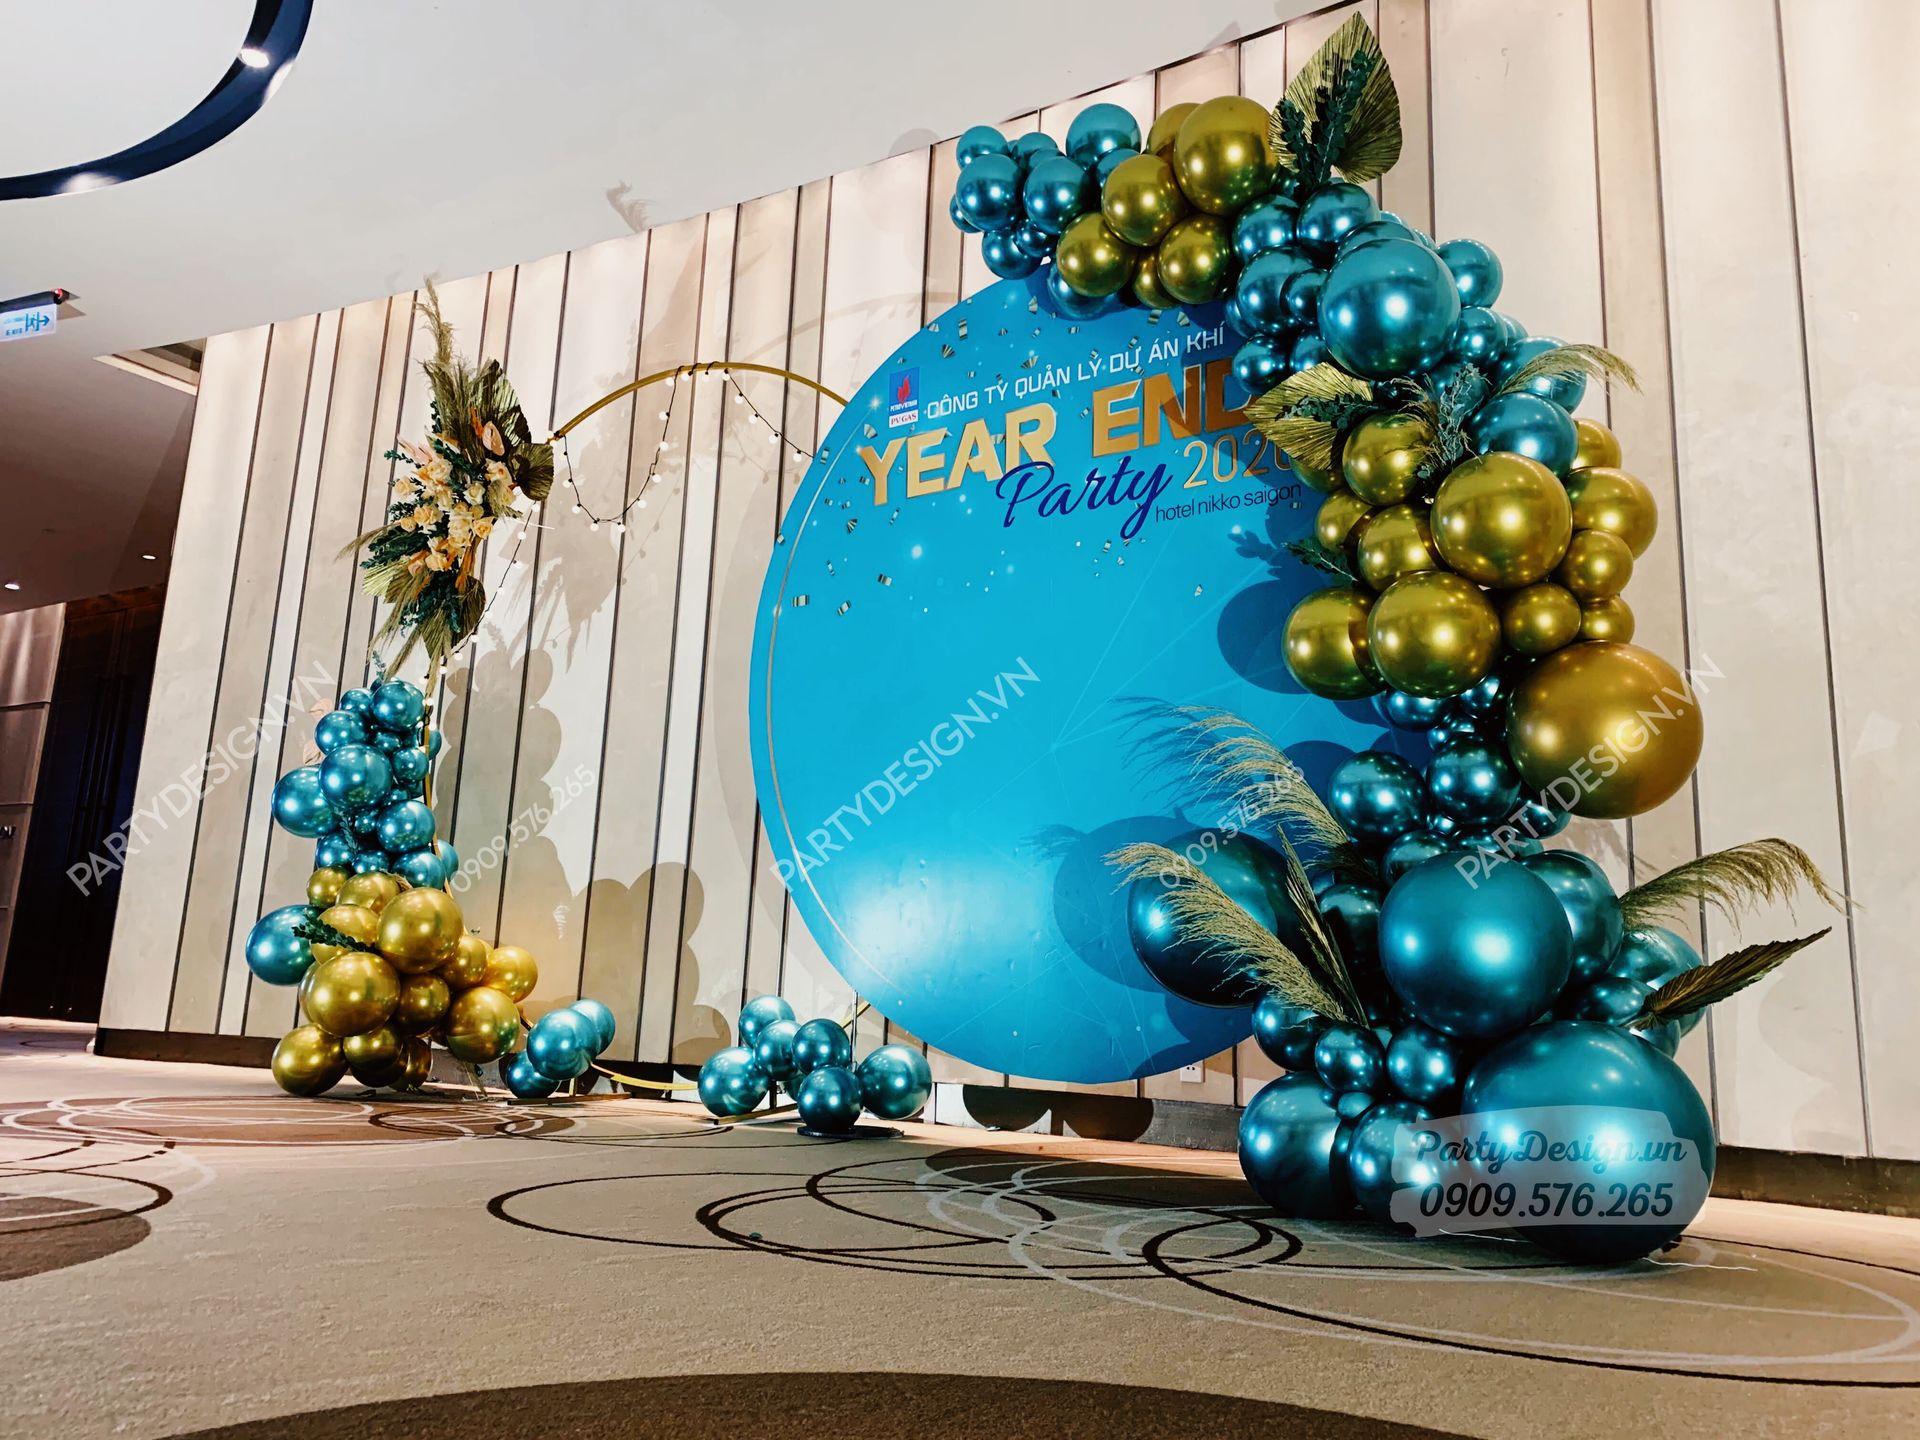 Backdrop viền bong bóng, hoa khô trang trí tiệc year end party, tất niên xanh ngọc mint vàng gold PVI GAS